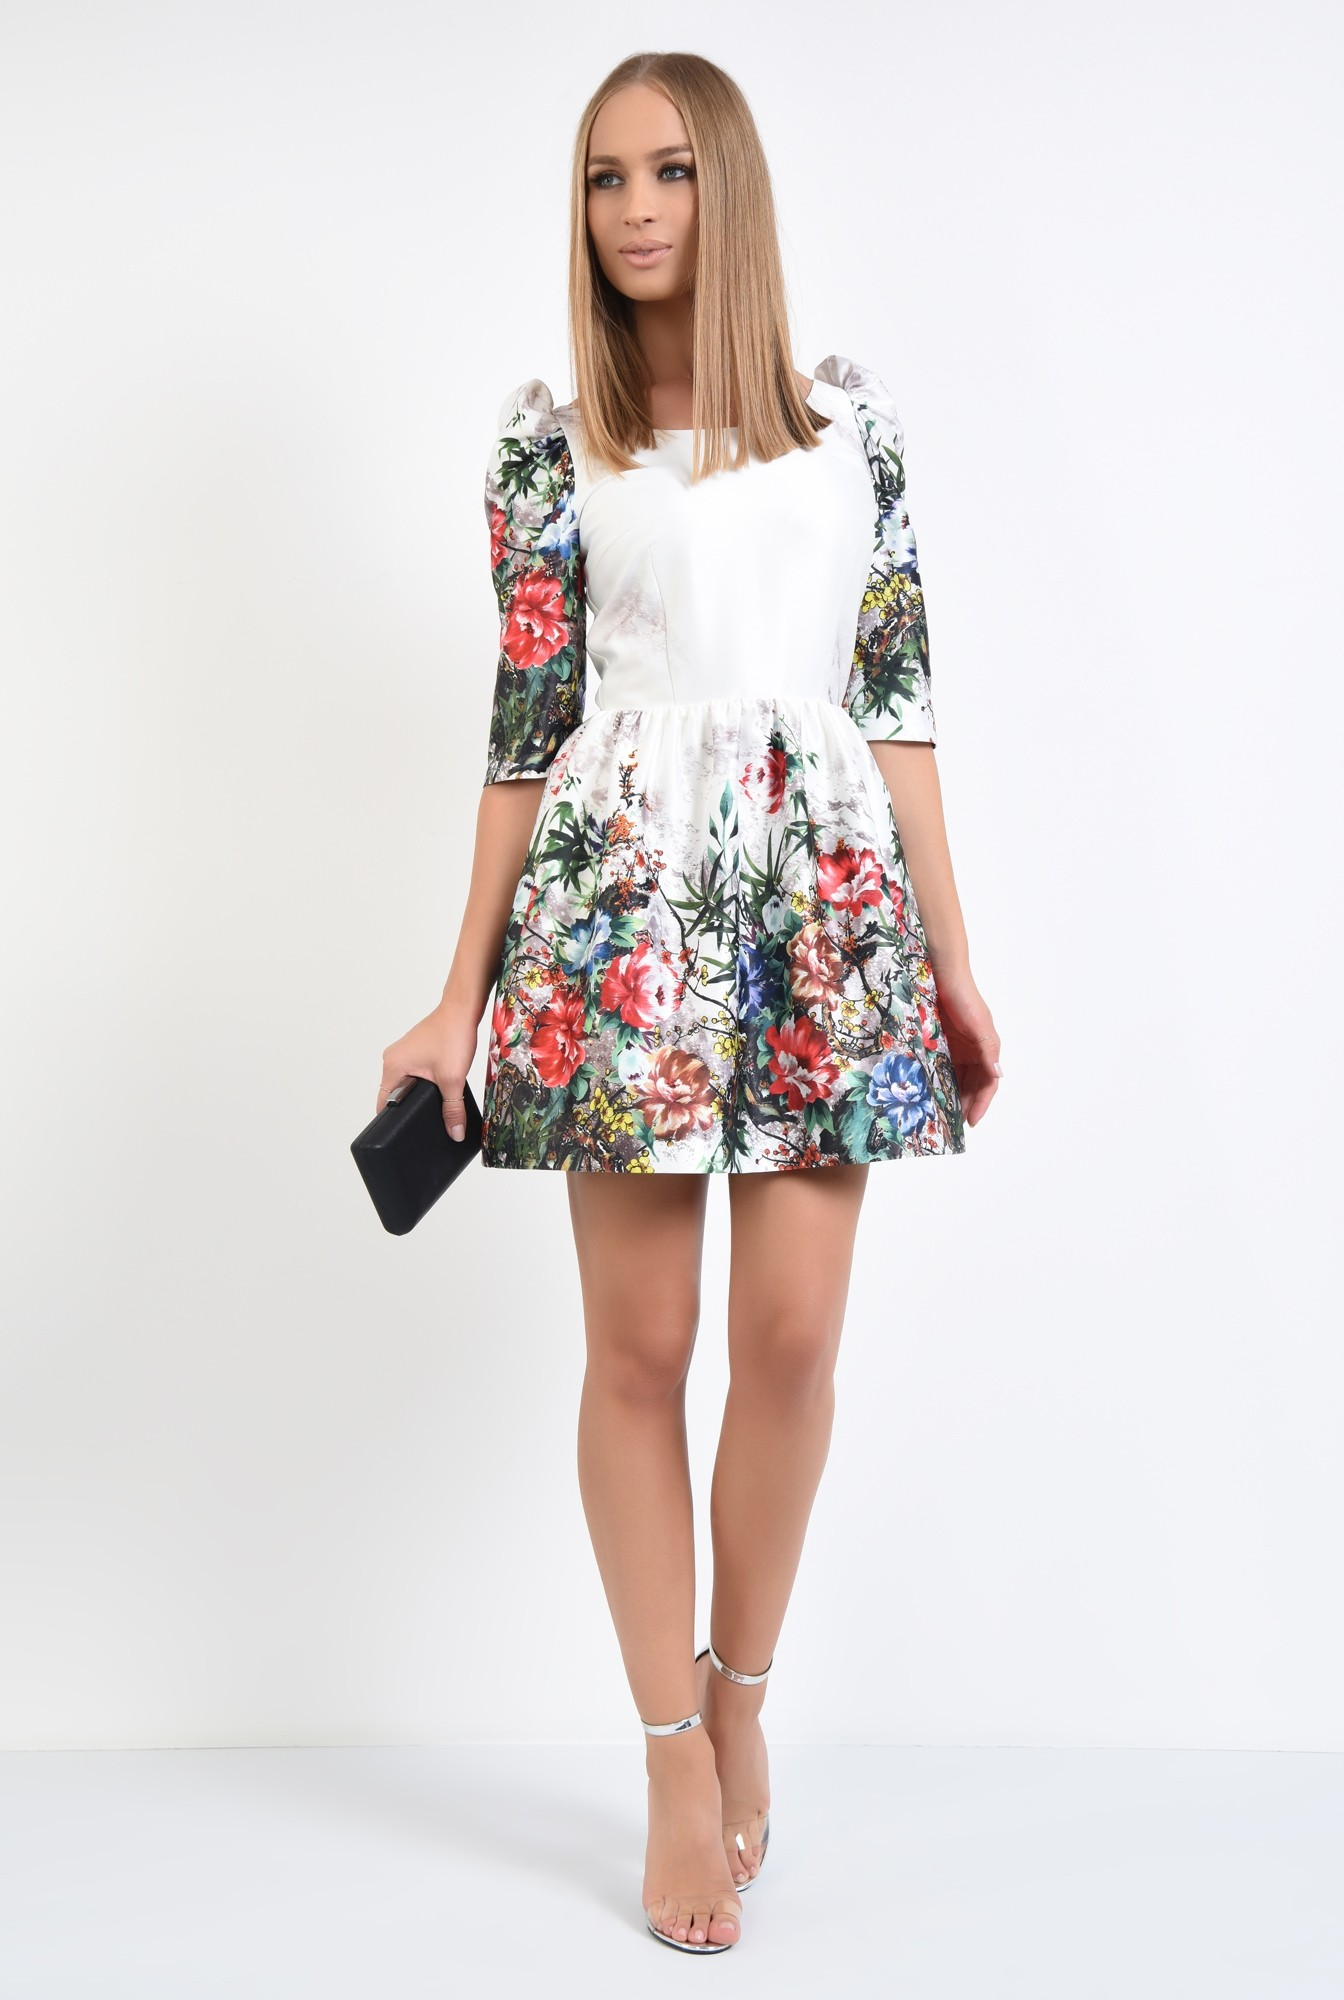 3 - rochie de ocazie, tafta, imprimata, motive florale